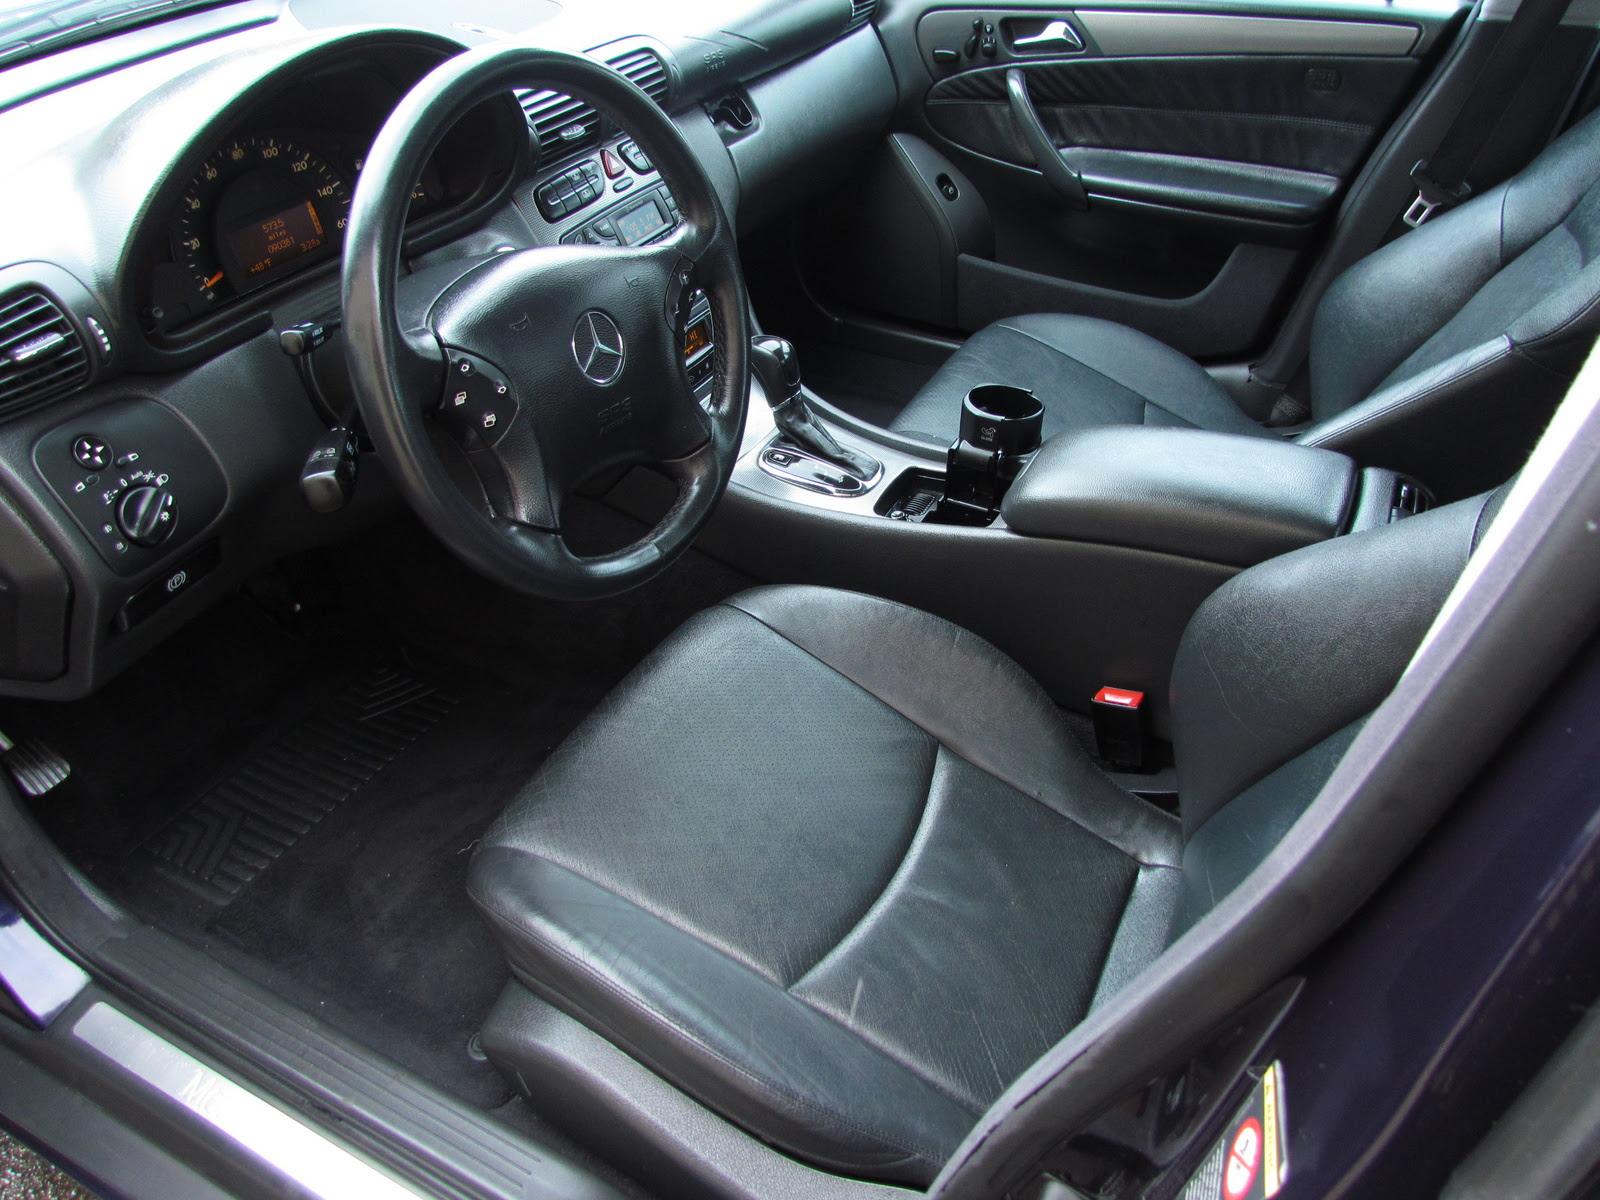 2002 Mercedes-Benz C-Class - Interior Pictures - CarGurus